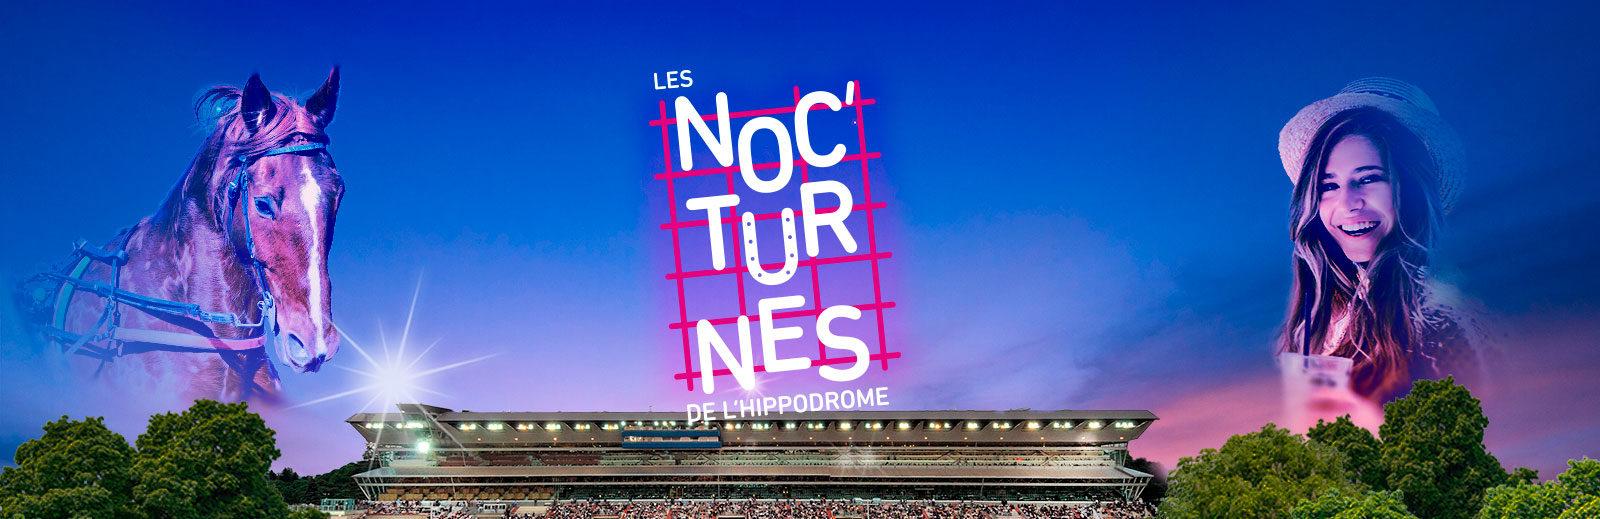 Les Noc'Turnes - Vincennes Hippodrome De Paris destiné Invitation Hippodrome Vincennes